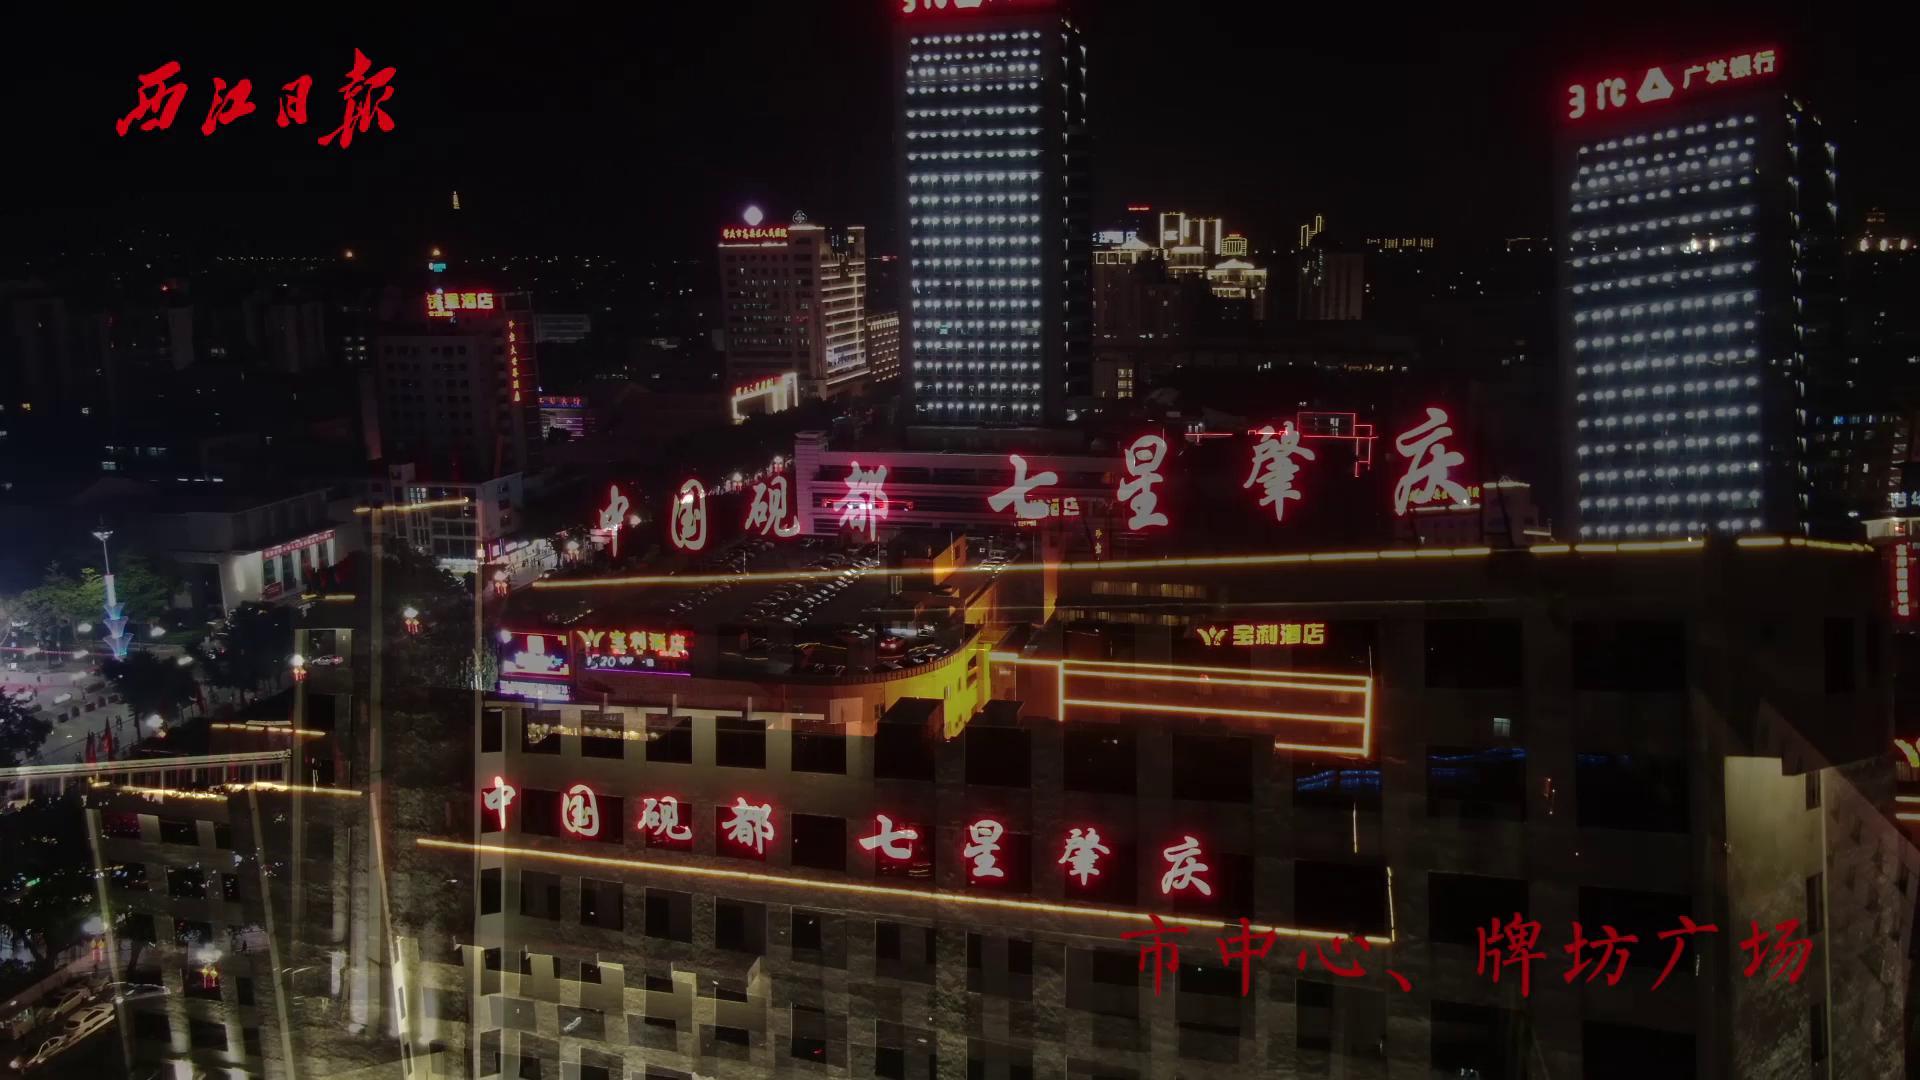 我愛肇慶:飛閱肇慶之夜